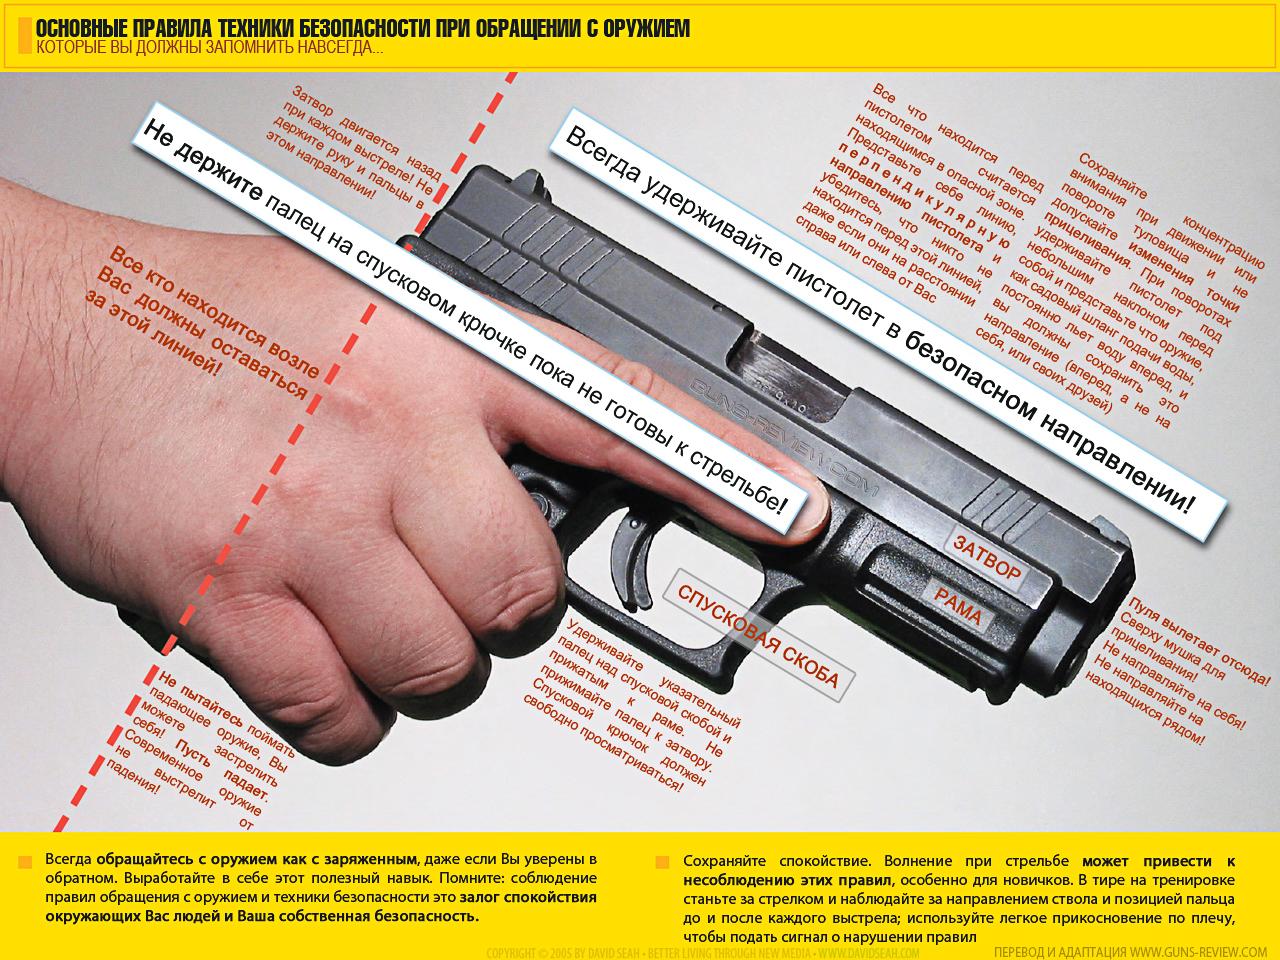 Правила техники безопасности при обращении с оружием